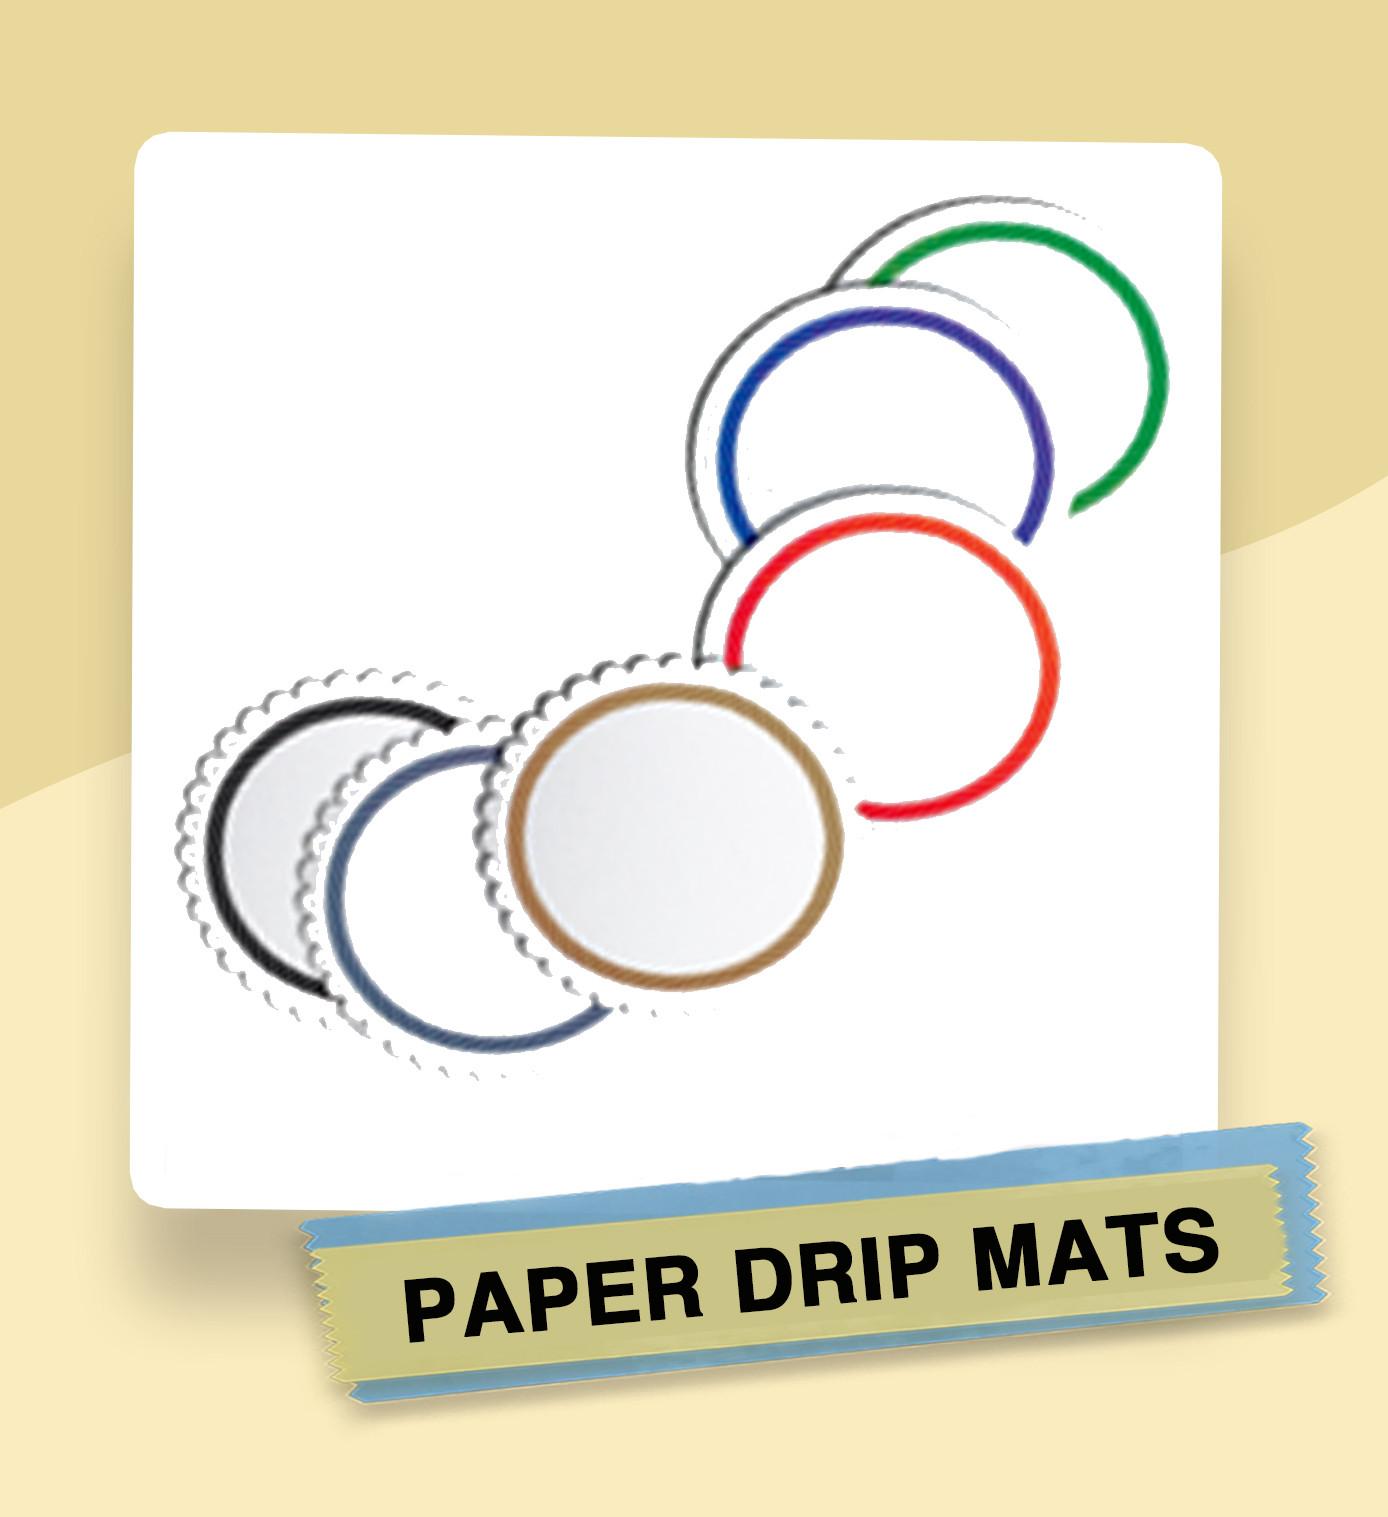 Paper Drip Mats